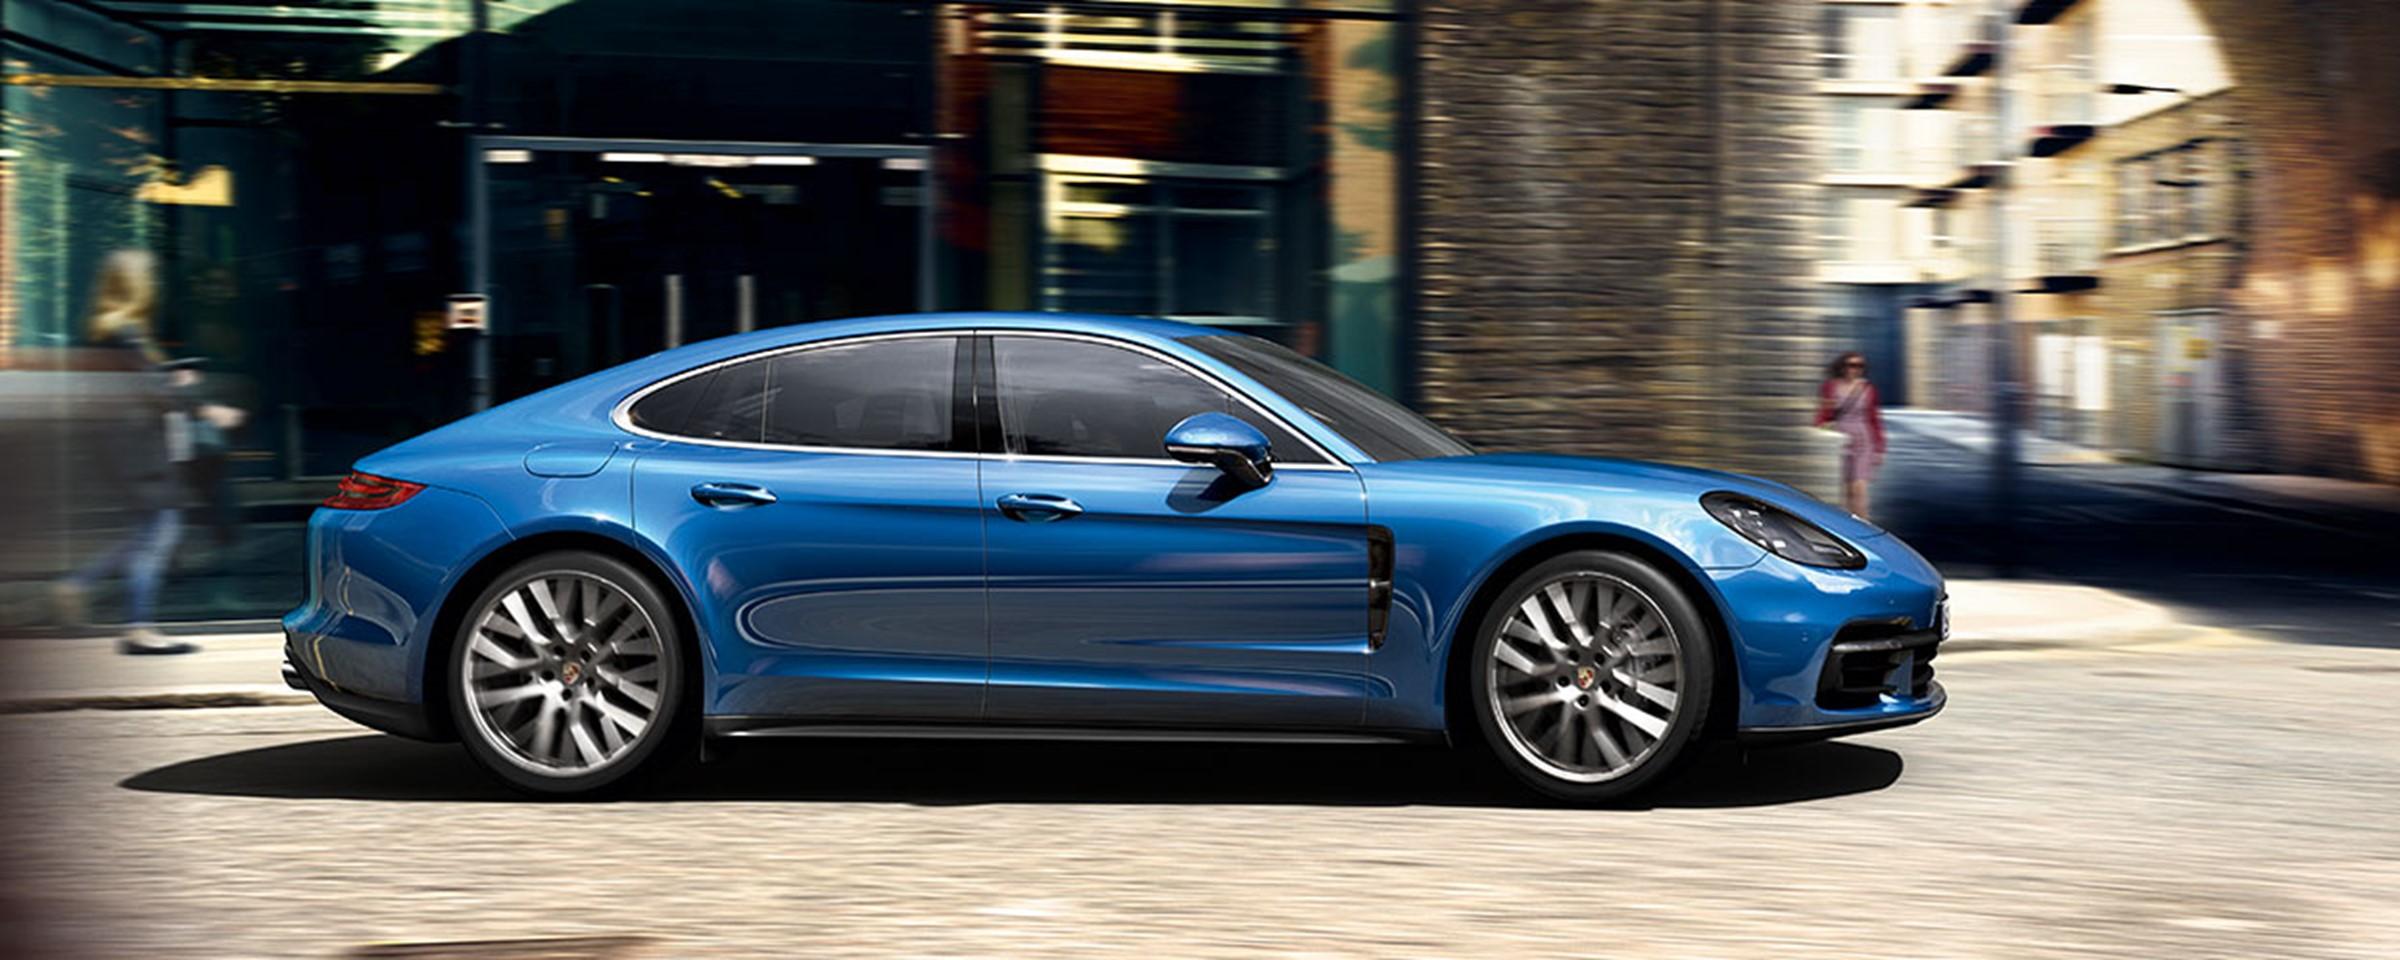 Land Rover Rancho Mirage >> BlogsectionThe New Porsche Panamera 4S - indiGO Auto Group ...